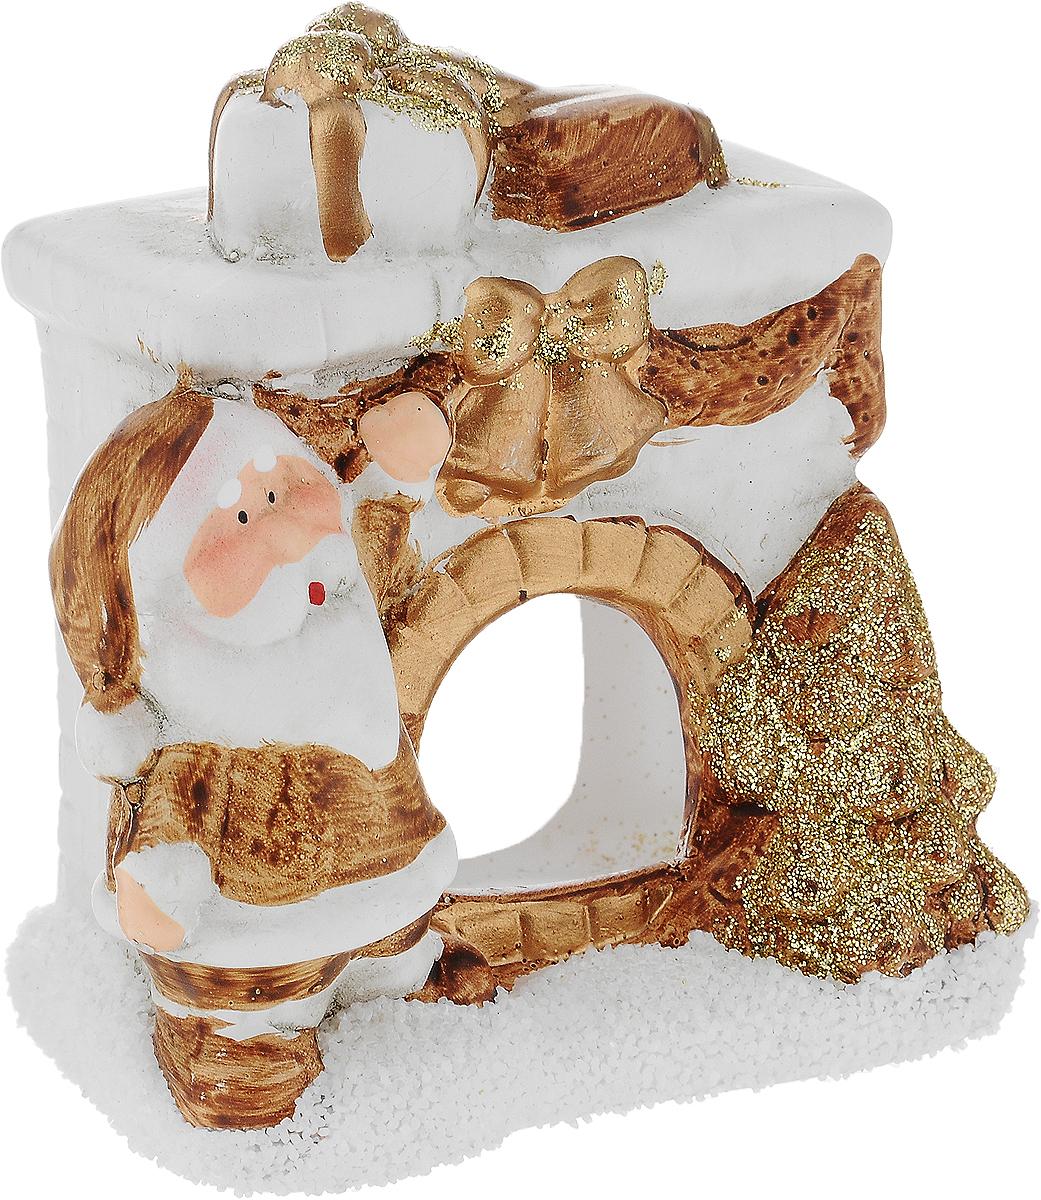 Фигурка деоративная House & Holder Печь, 9,5 х 6 х 9,5 смDP-B28-13545GФигурка декоративная House & Holder Печь, выполненная из керамики, станет оригинальным подарком для всех любителей необычных вещей. Изделие оформлено блестками. Изысканный сувенир станет прекрасным дополнением к интерьеру. Вы можете поставить фигурку в любом месте, где она будет удачно смотреться и радовать глаз.